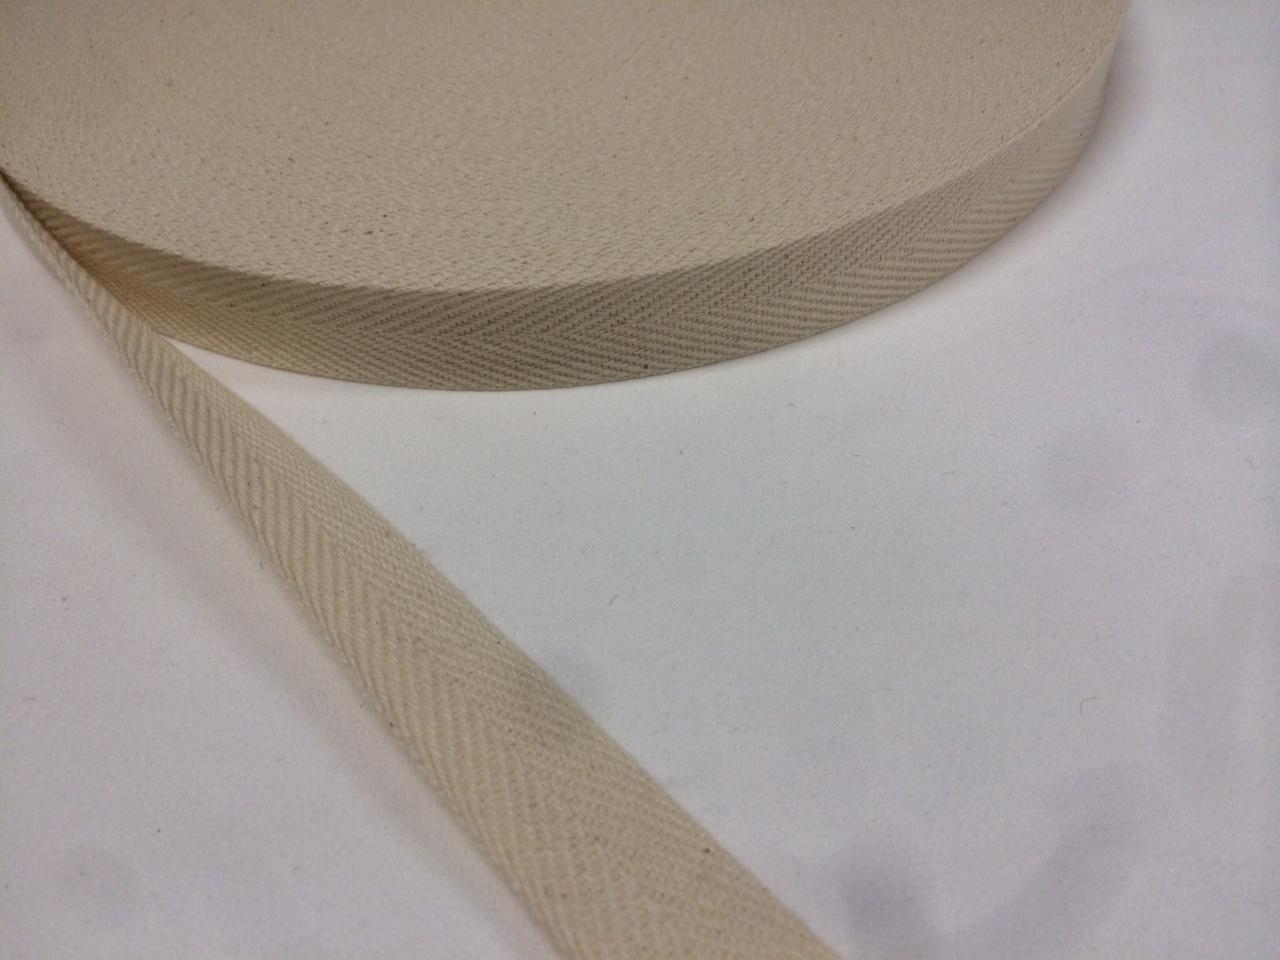 綿 コットン 杉綾 (綾テープ) 1㎜厚 20㎜幅 50m巻